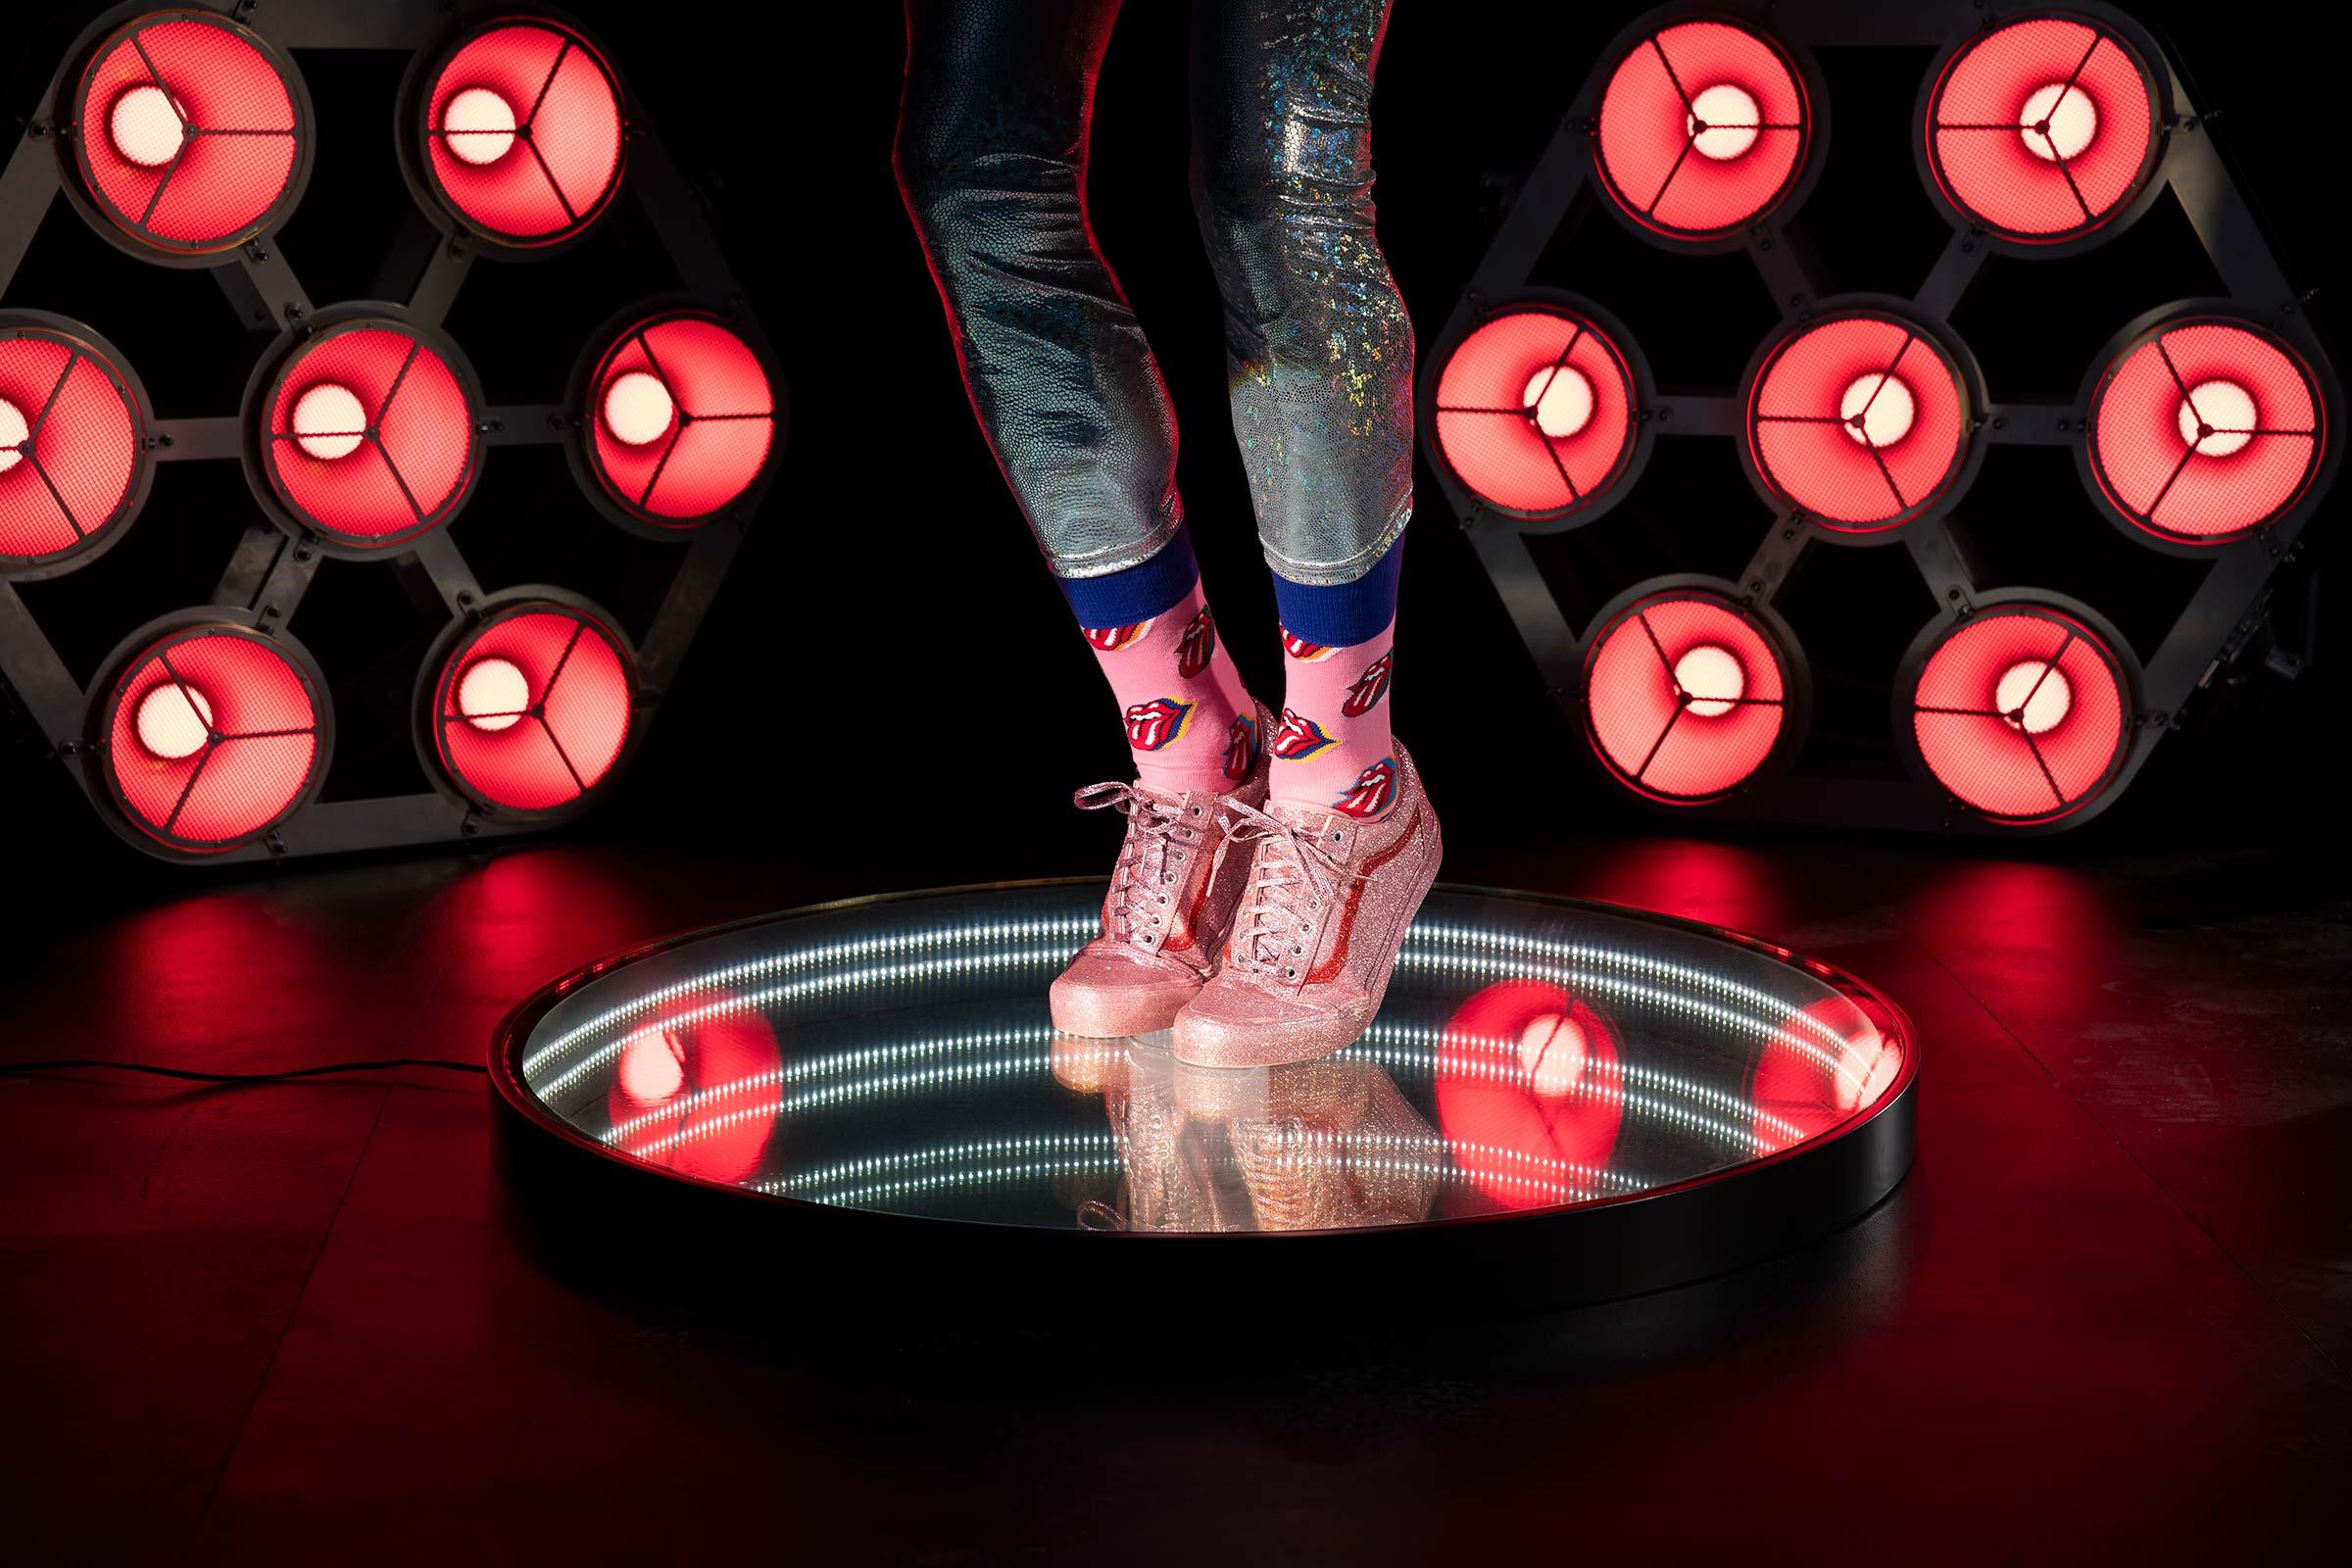 Mick Jagger liknande pose på en infinityspegel i rött scennljus fotograferat för Happy socks